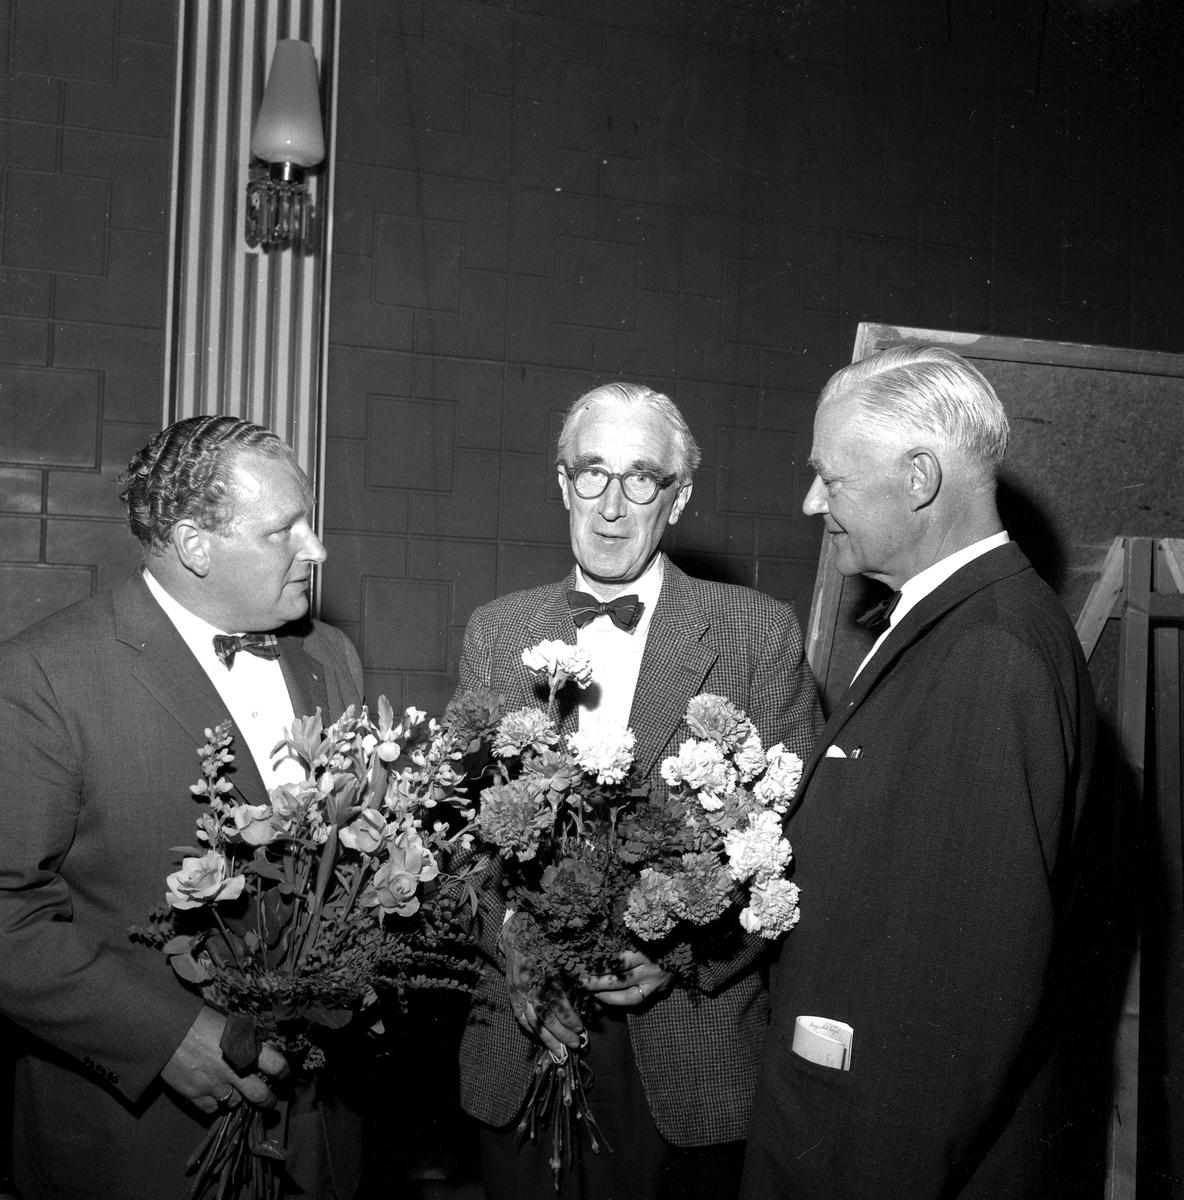 Slakteriföreningens årssstämma. 7 juni 1958.